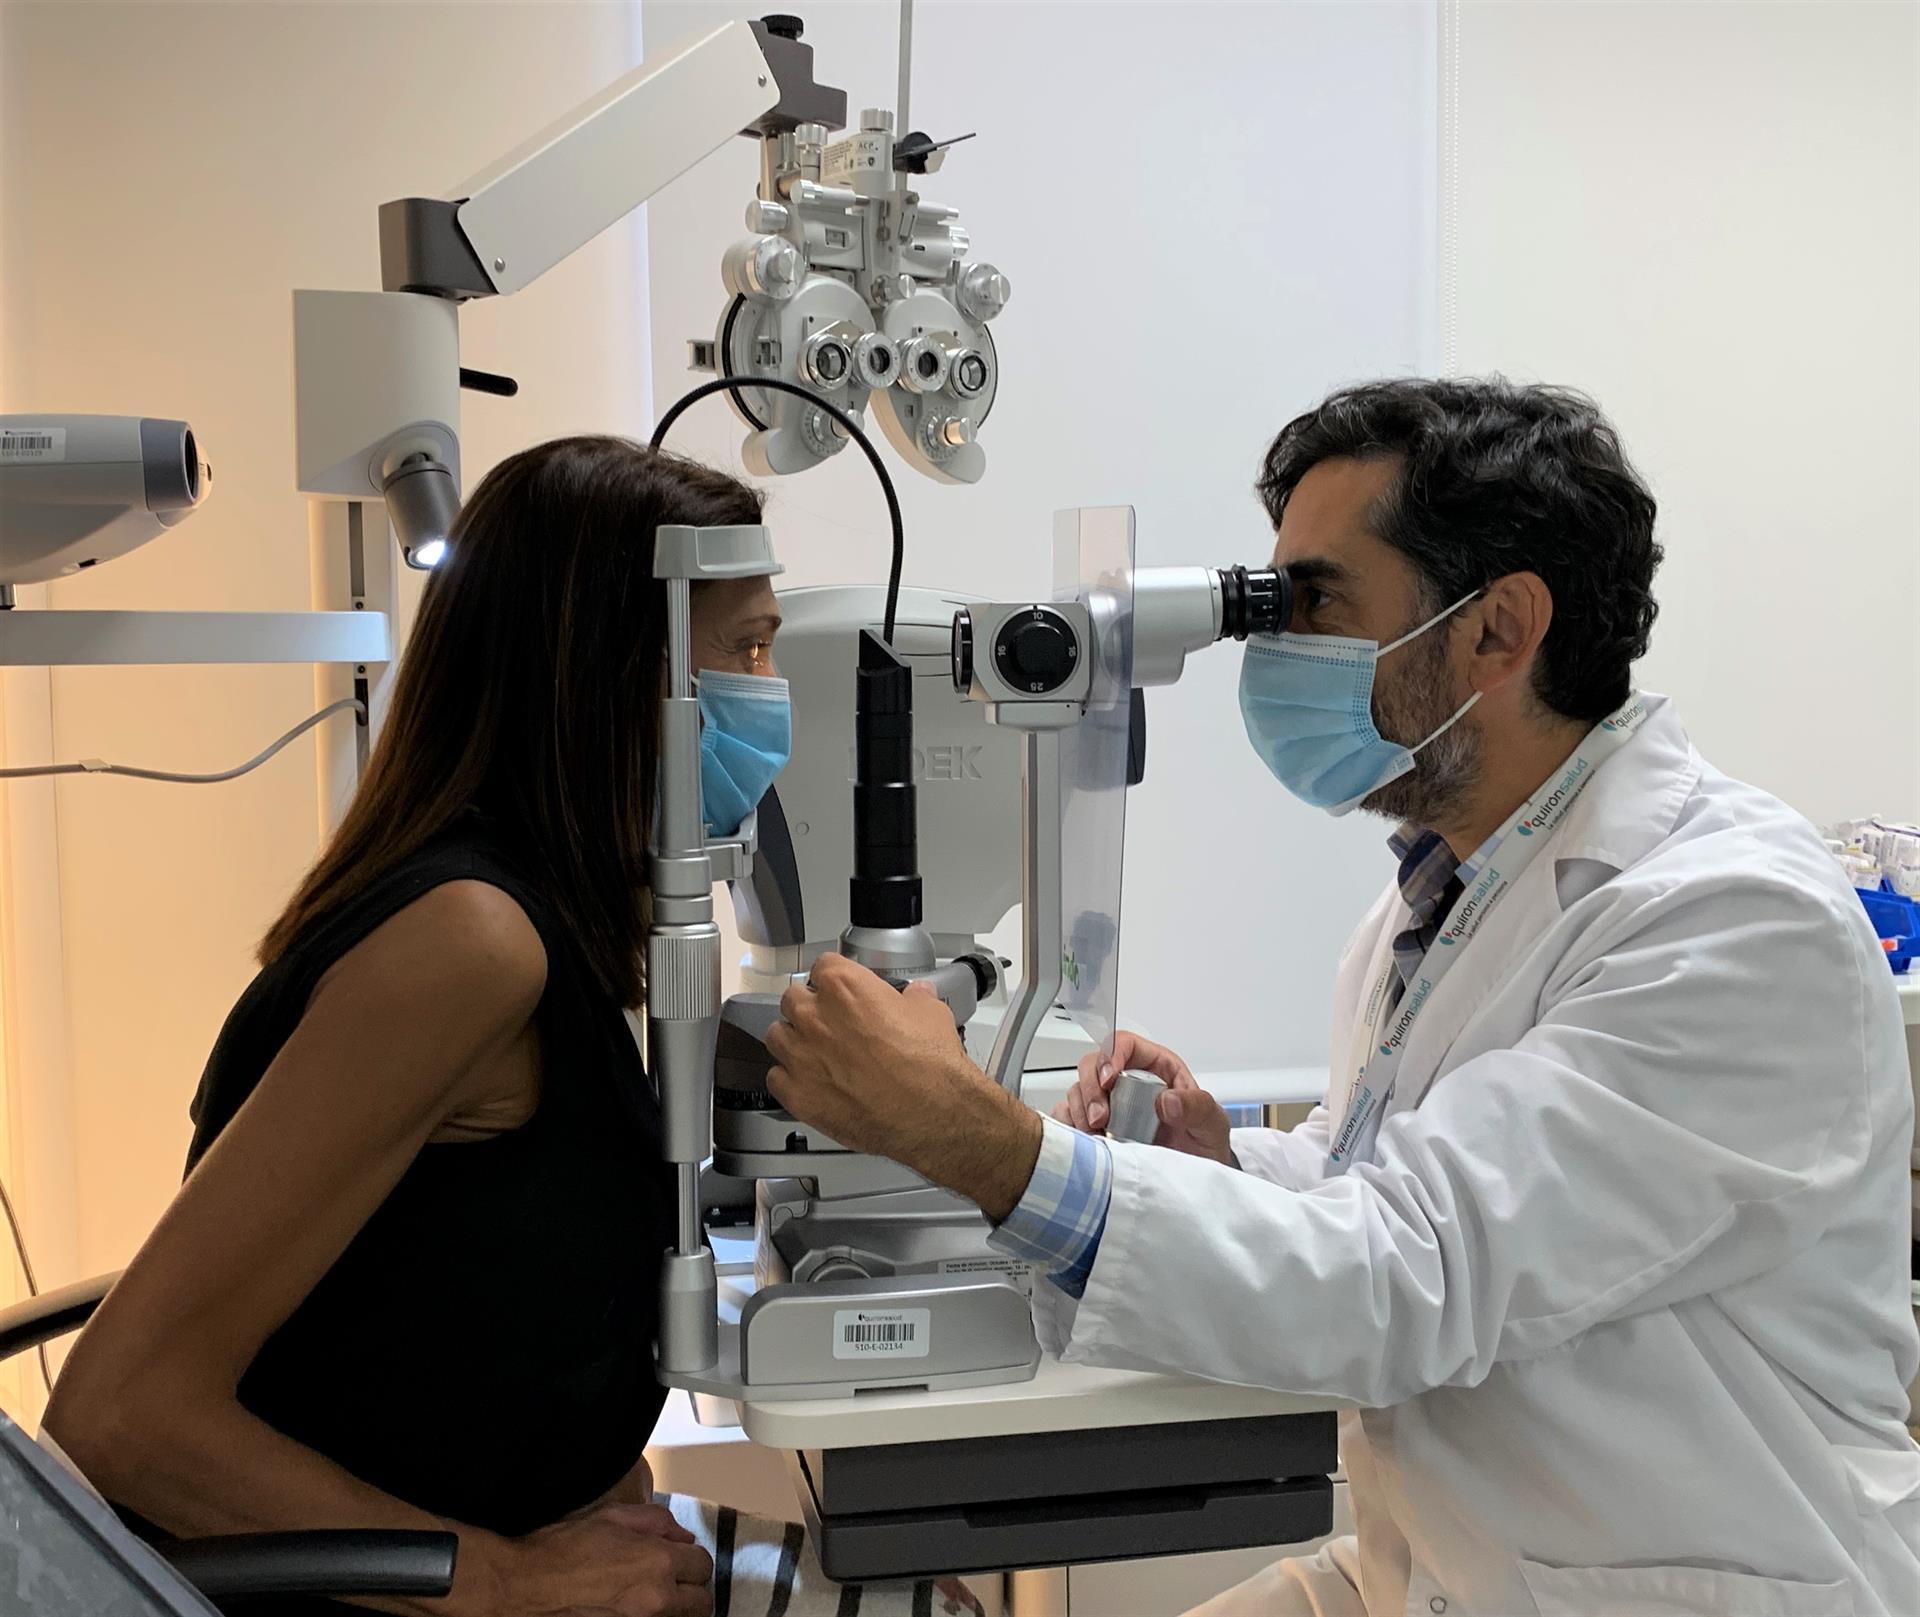 El doctor Rafael Giménez, especialista del servicio de Oftalmología del Hospital Quirónsalud Córdoba, pasa consulta / © Hospital Quirónsalud Córdoba